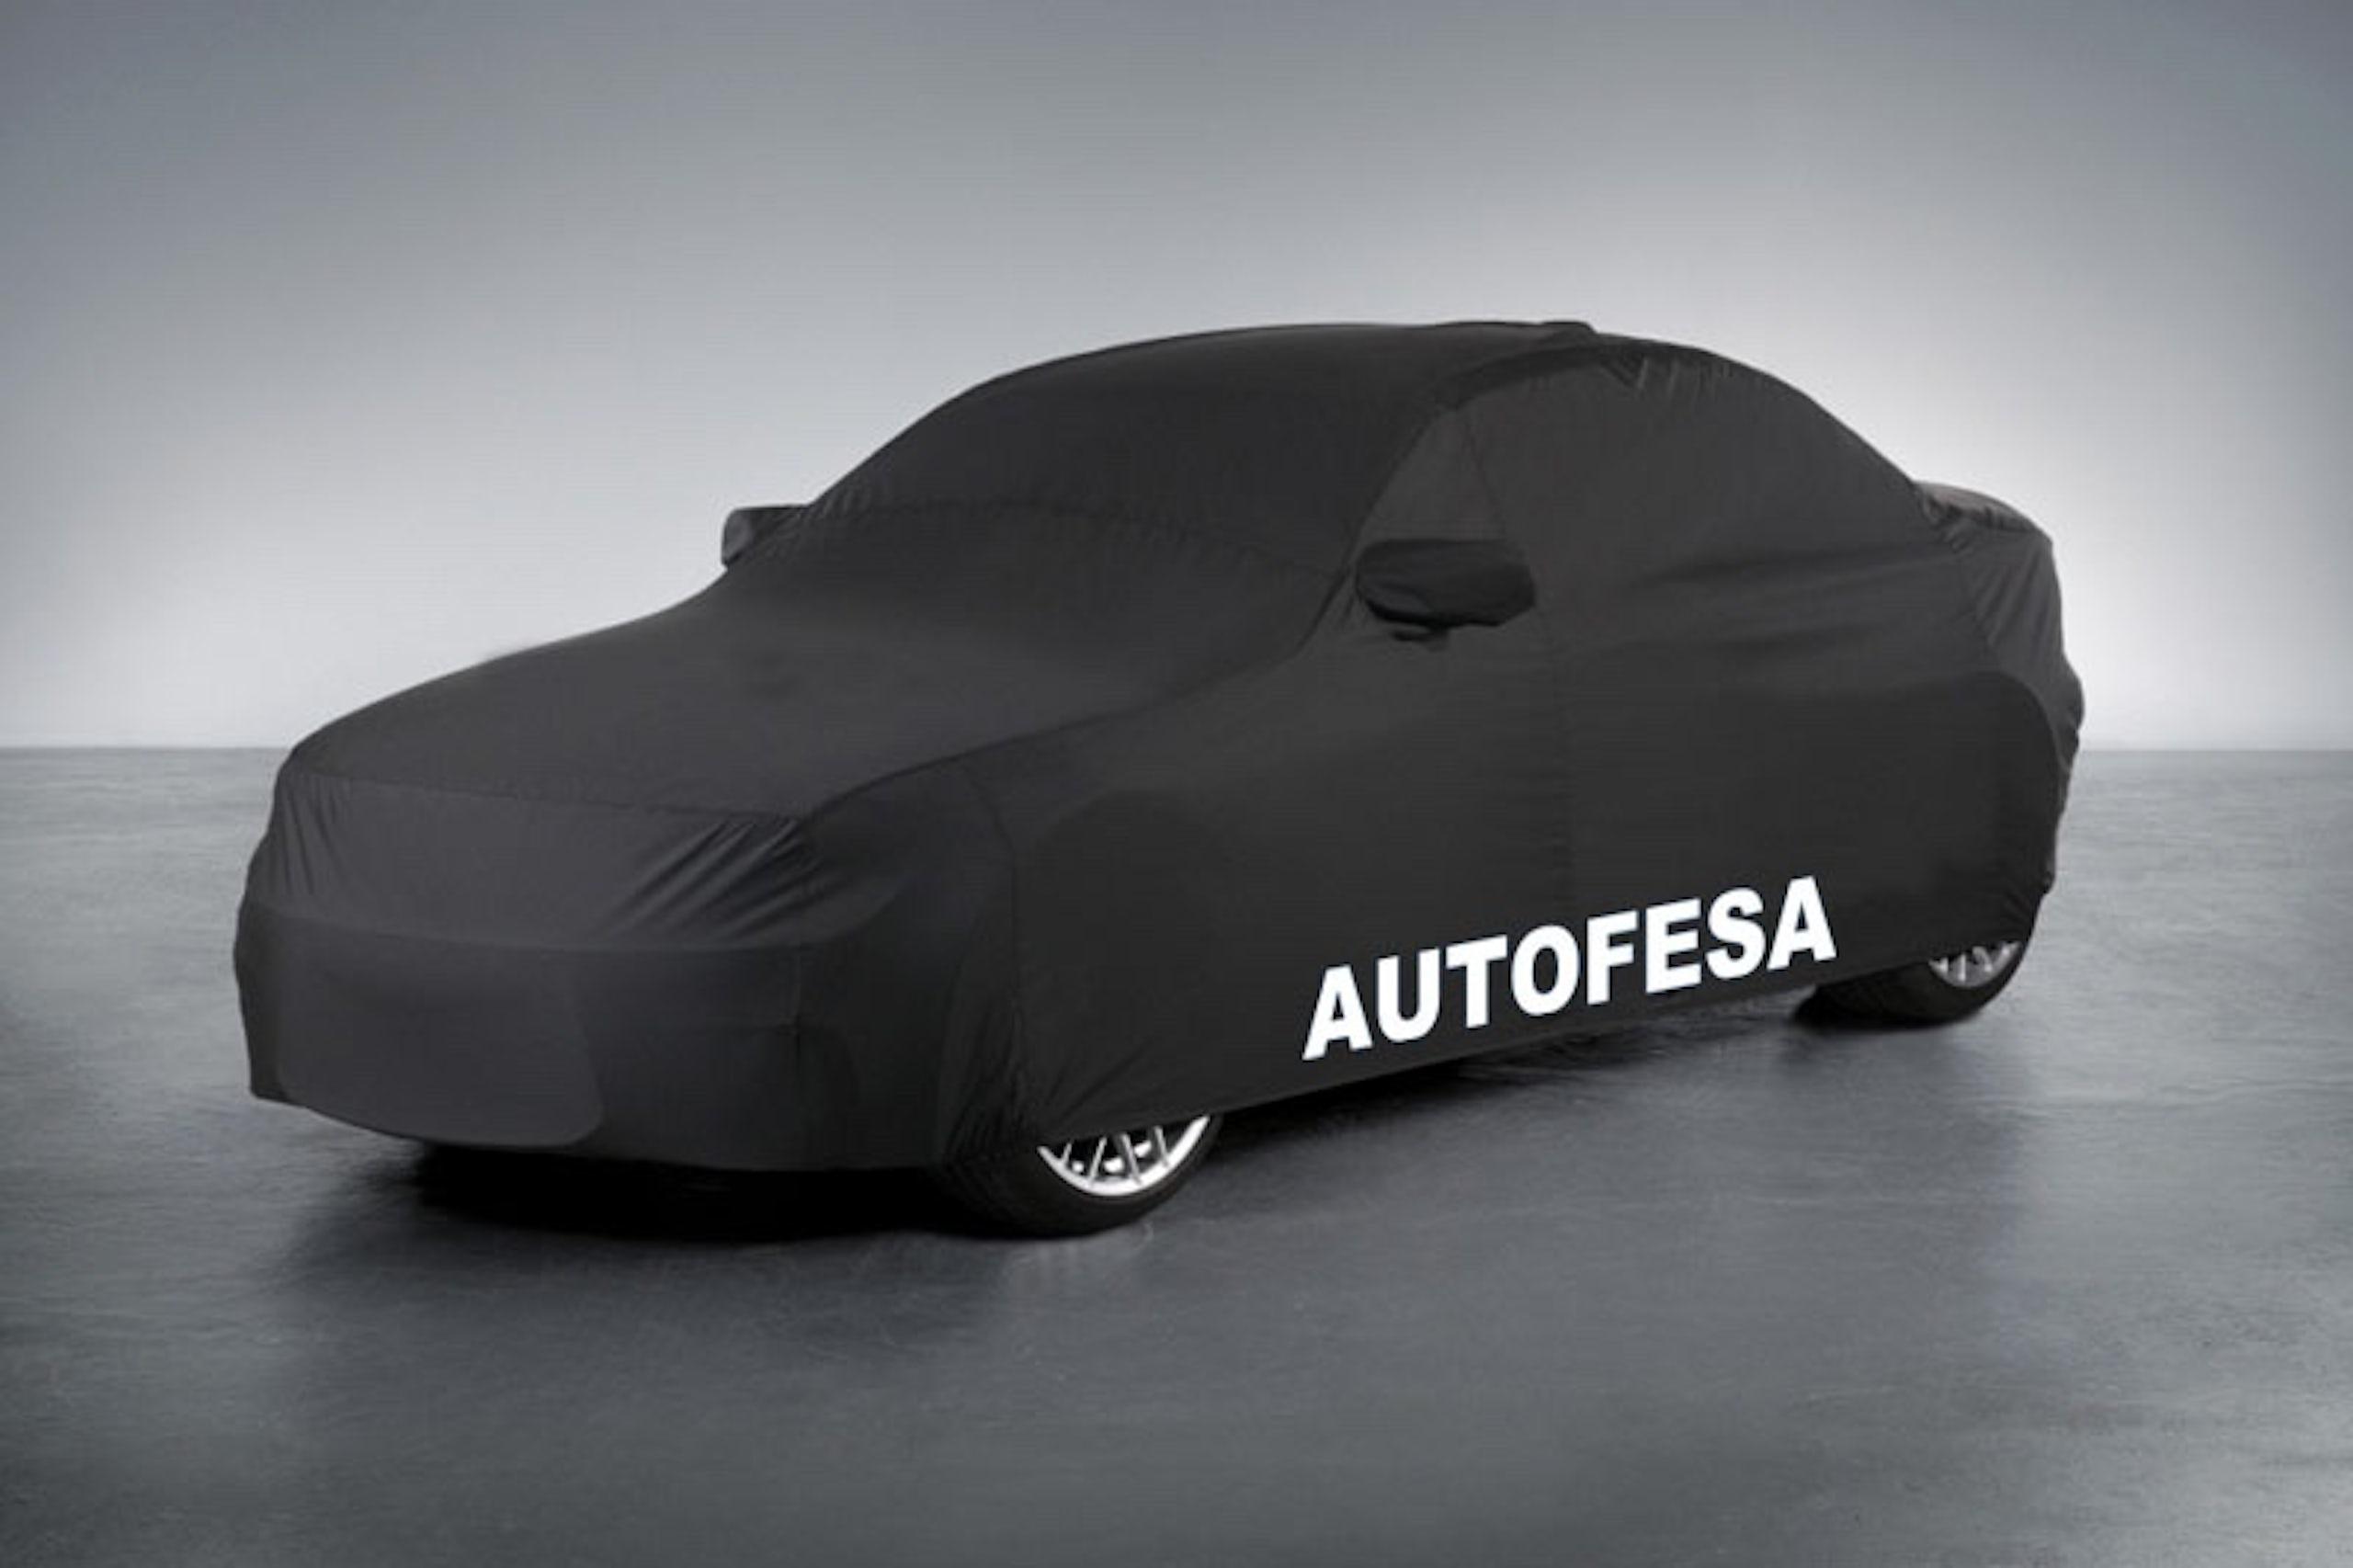 Audi A4 Avant 2.0 TDI 190cv quattro 5p S tronic Auto S/S - Foto 15